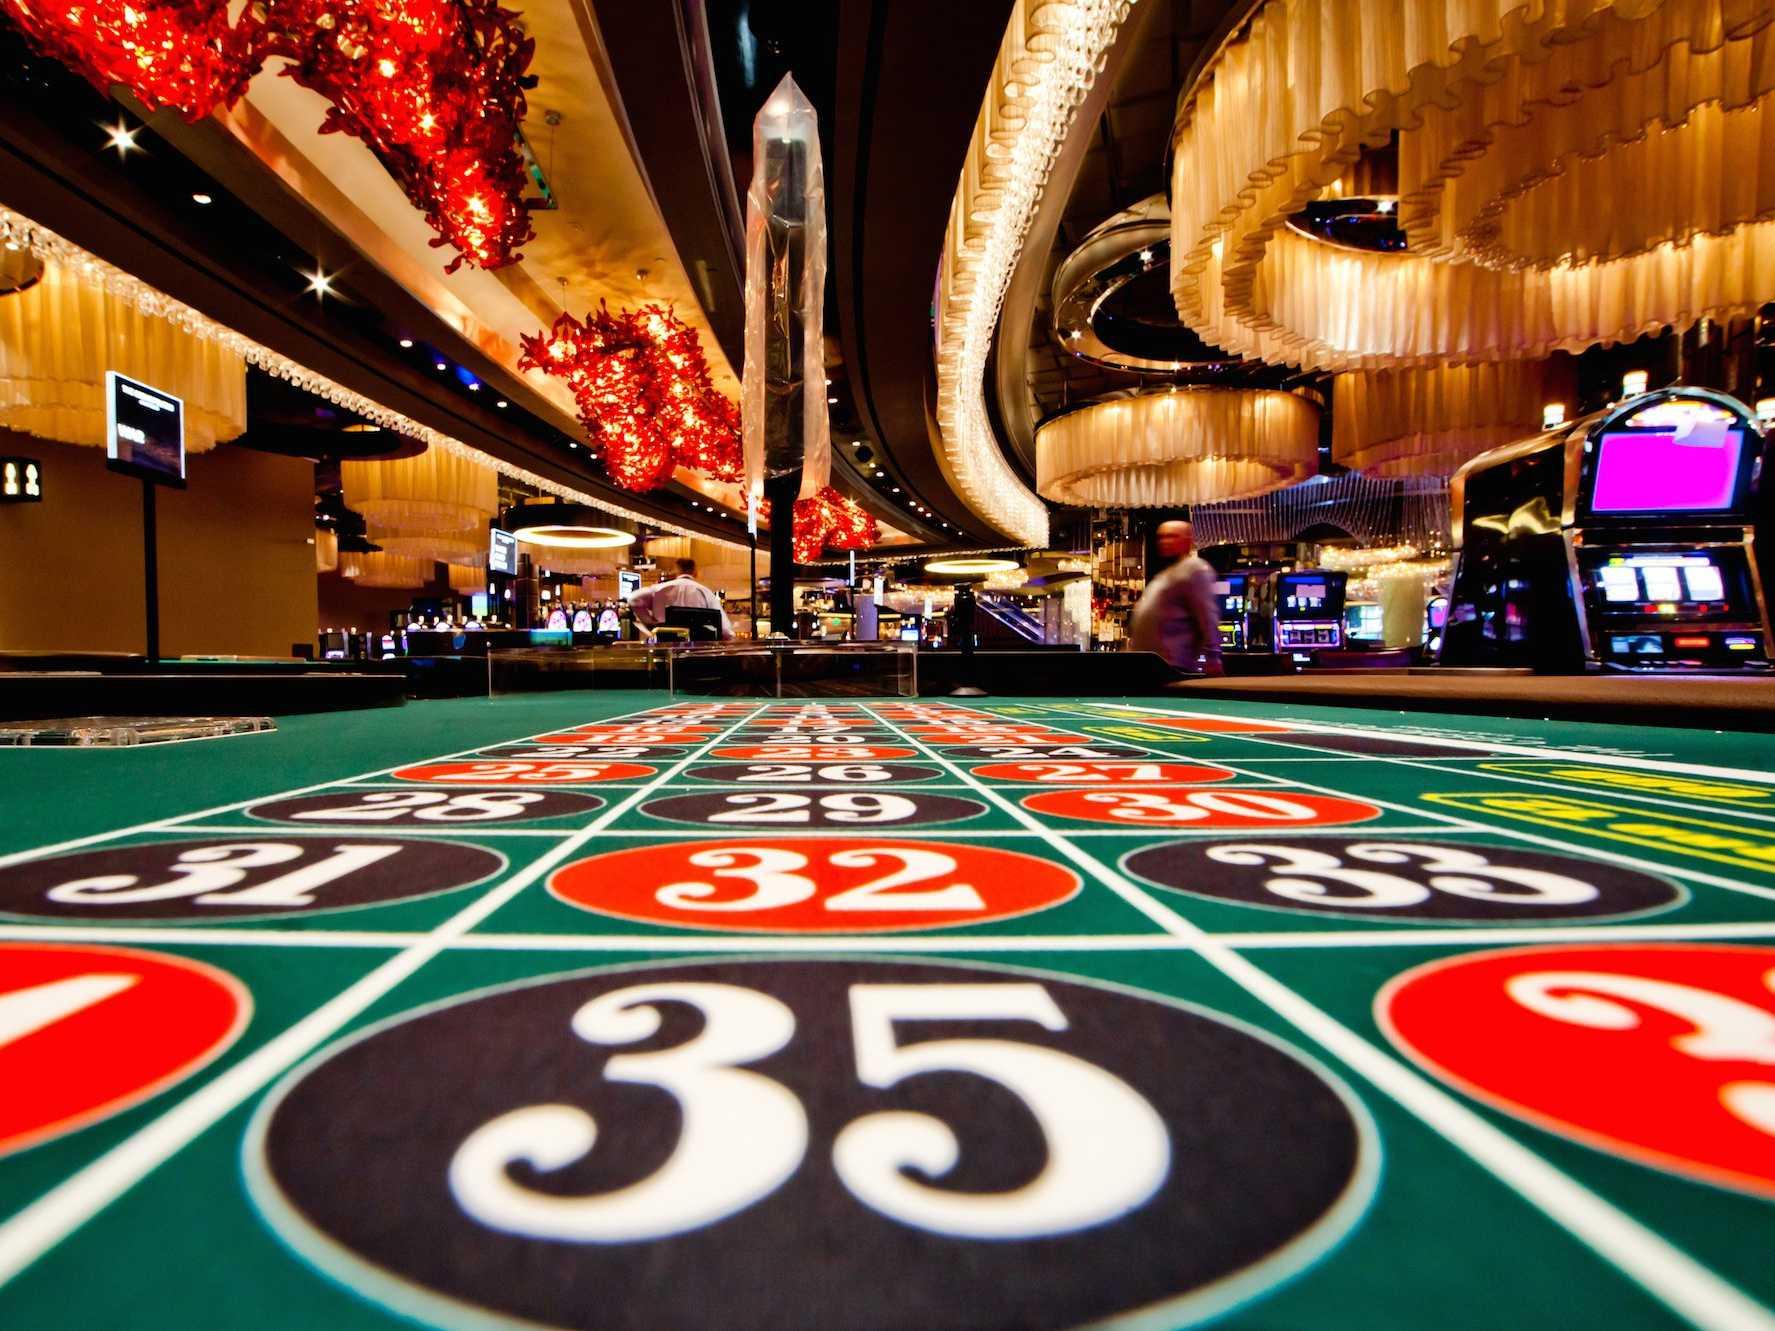 Jeux casino : que faire pour s'améliorer ?